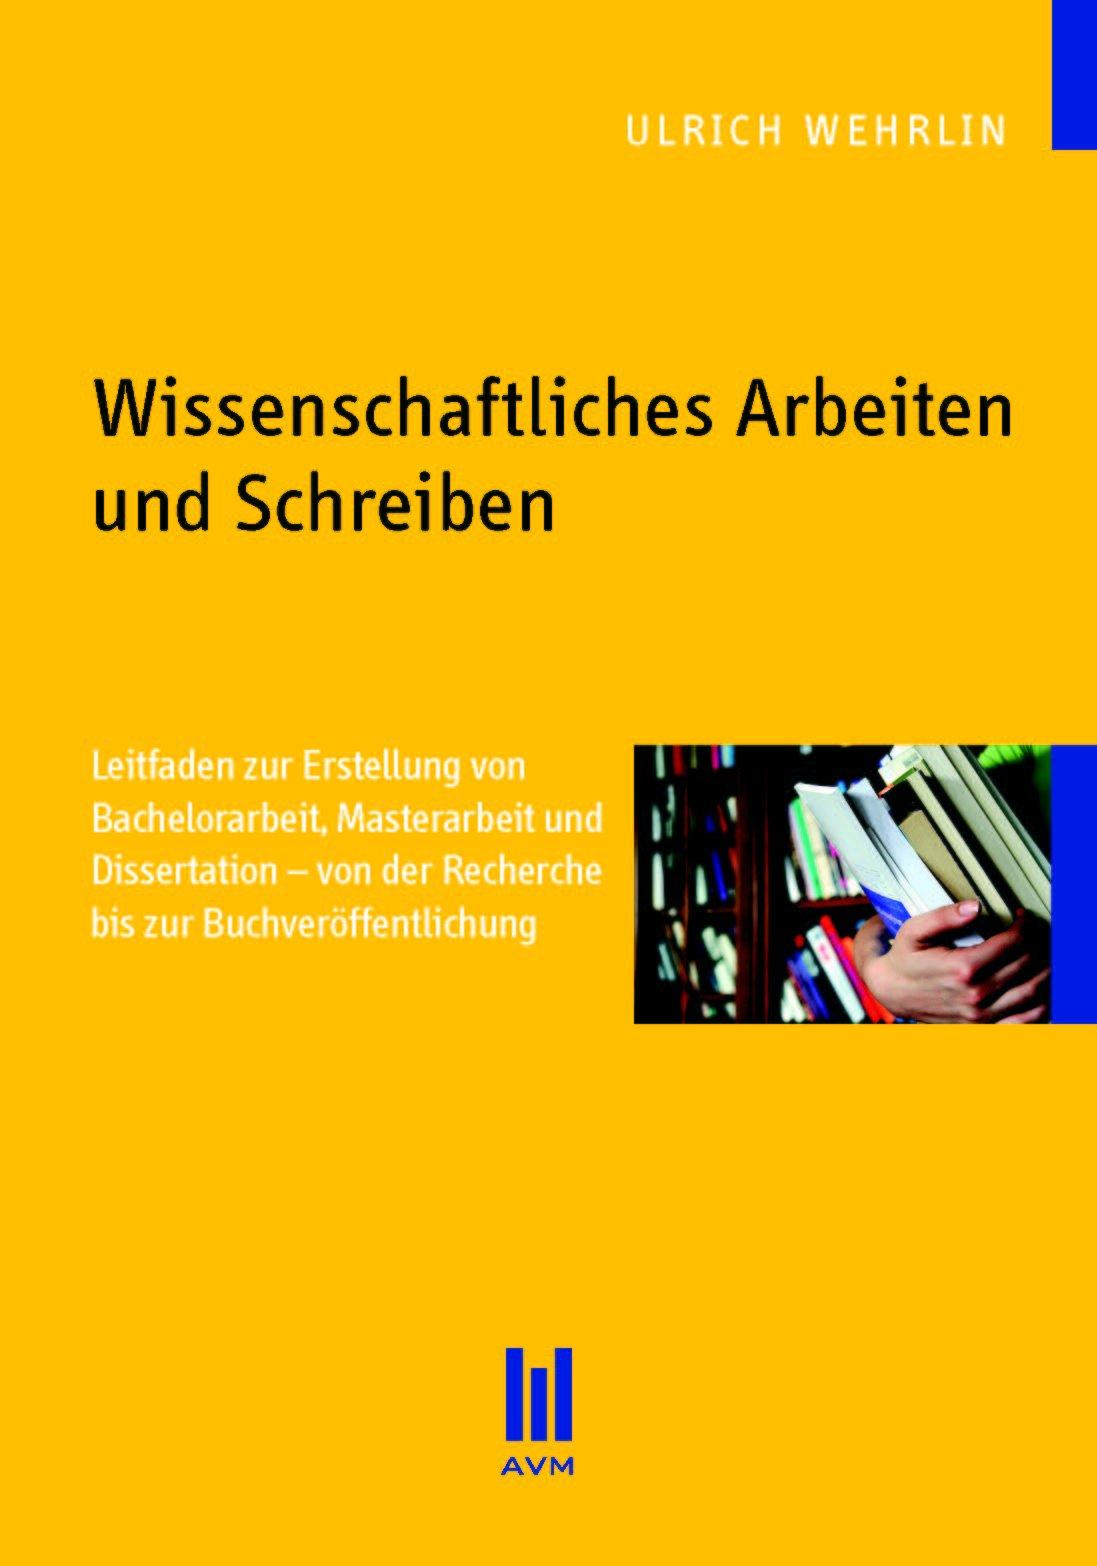 Bachelorarbeit wissenschaftliches schreiben abbildungsverzeichnis erstellen word